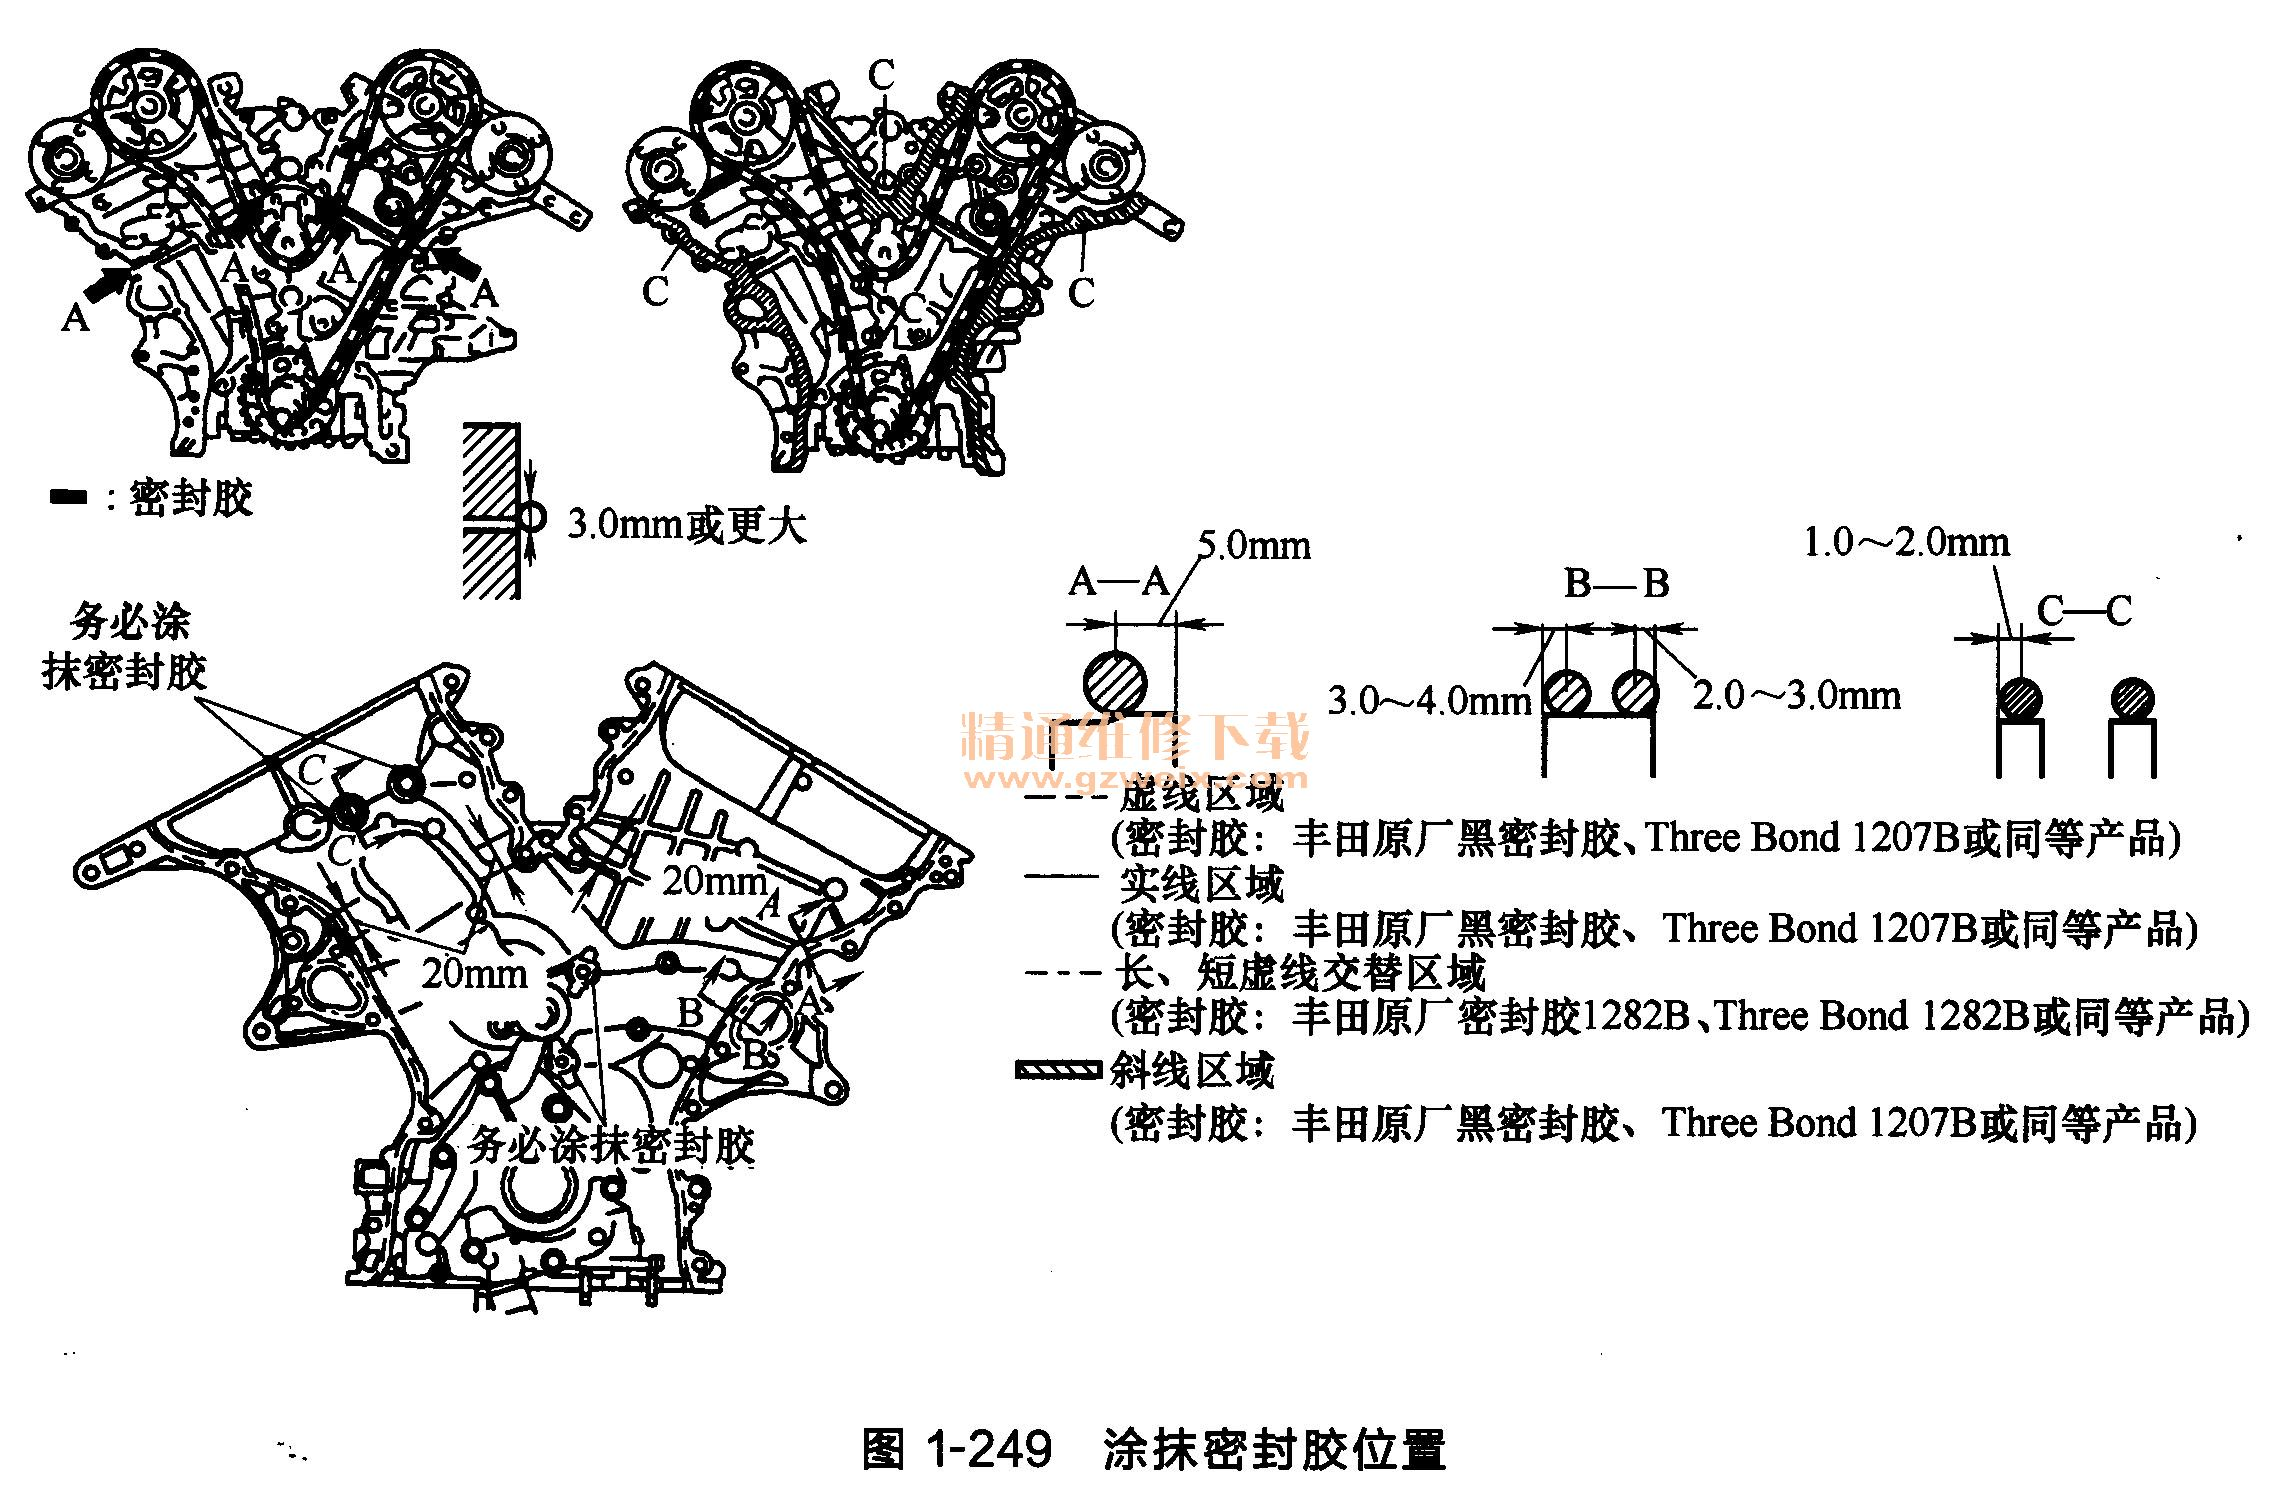 """拆下传动带轮固定螺栓。 (12)安装正时链条箱油封。用专用工具敲入一个新的正时链条箱油封,直到其表面与正时链条箱边缘平齐,如图1-247所示。  (13)安装水泵。使用新的水泵衬垫,把水泵的8个螺栓紧固至91N""""m。如图1-248所示,A螺栓必须更换。  (14)安装正时链条盖。 如图1-249所示位置,连续涂抹密封胶。  密封胶涂抹完毕后,在3min内安装正时链条盖。 安装好正时链条盖后,至少2h内不要启动发动机。 安装新衬垫,如图1-250所示。  把机油泵主动转子花键与曲轴对准("""